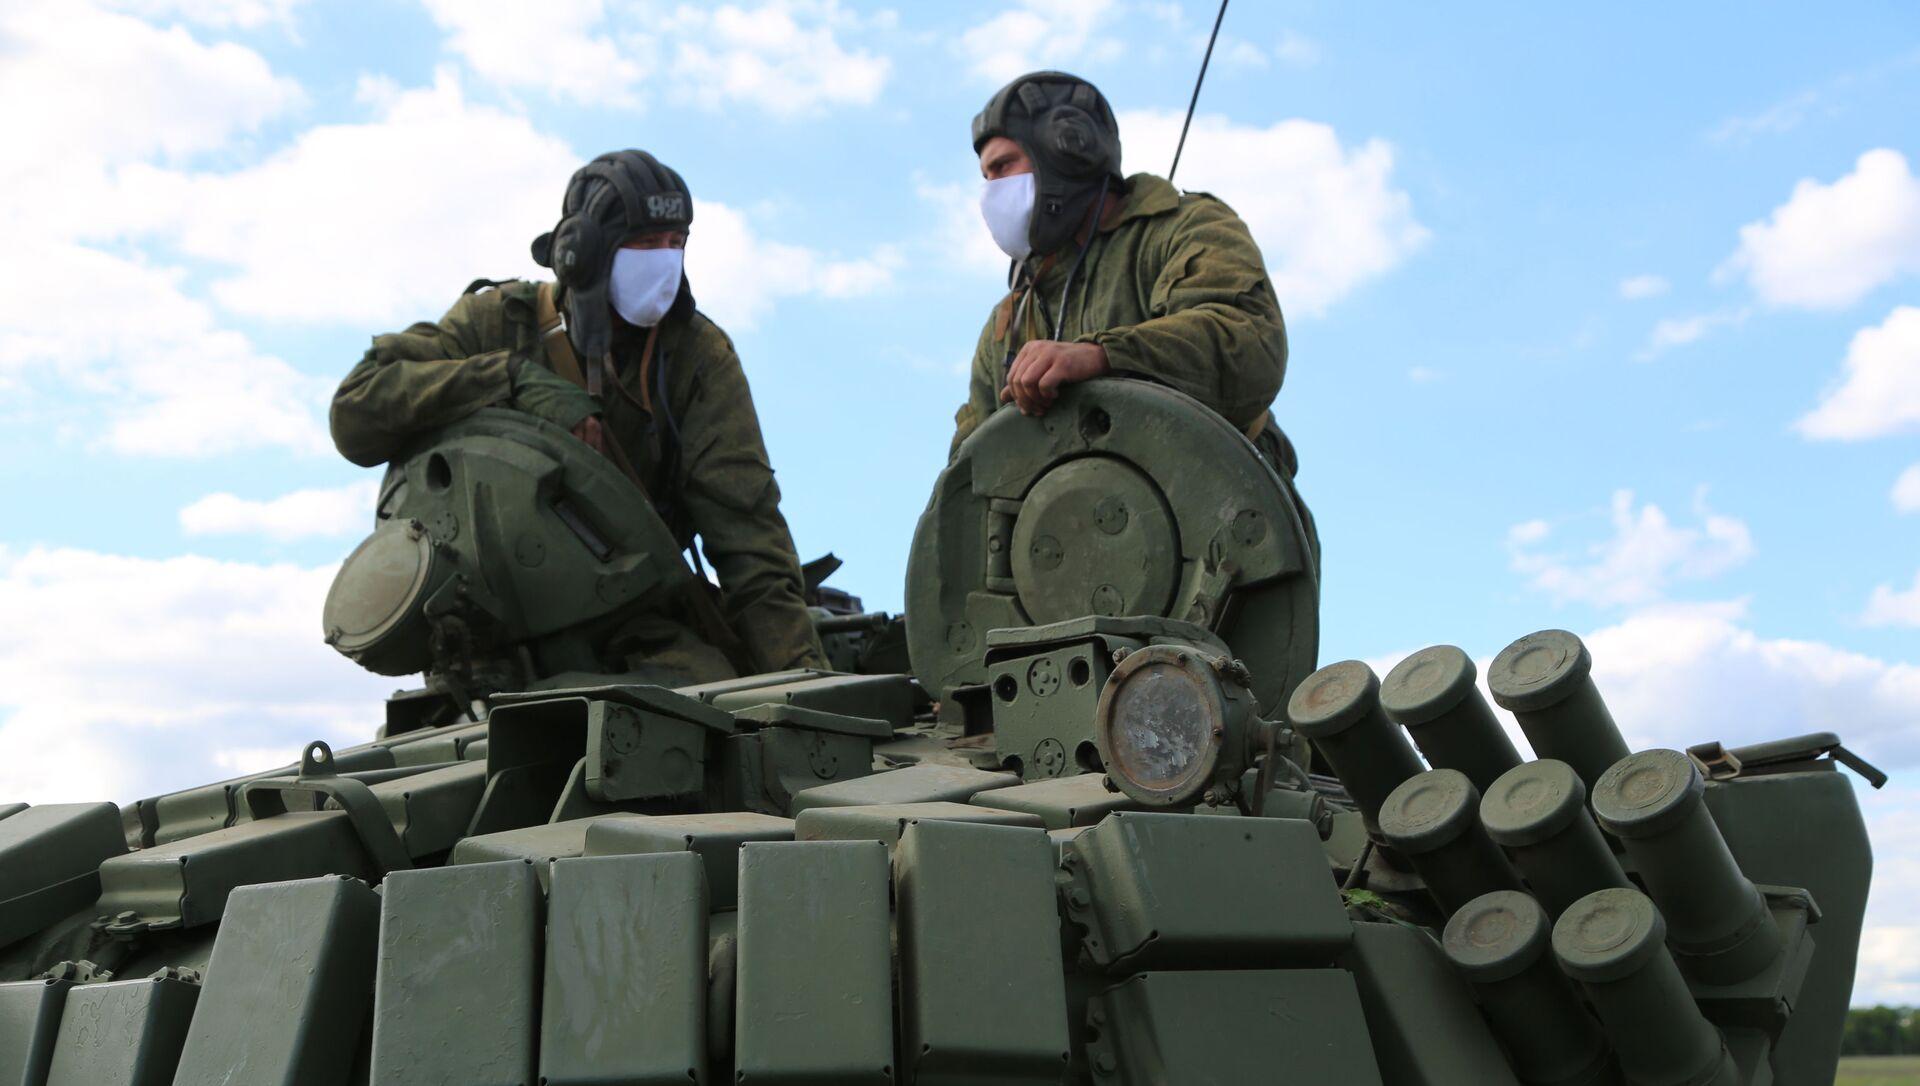 Czołgiści Milicji Ludowej  przy linii rozgraniczającej strony konfliktu w Donbasie - Sputnik Polska, 1920, 07.03.2021